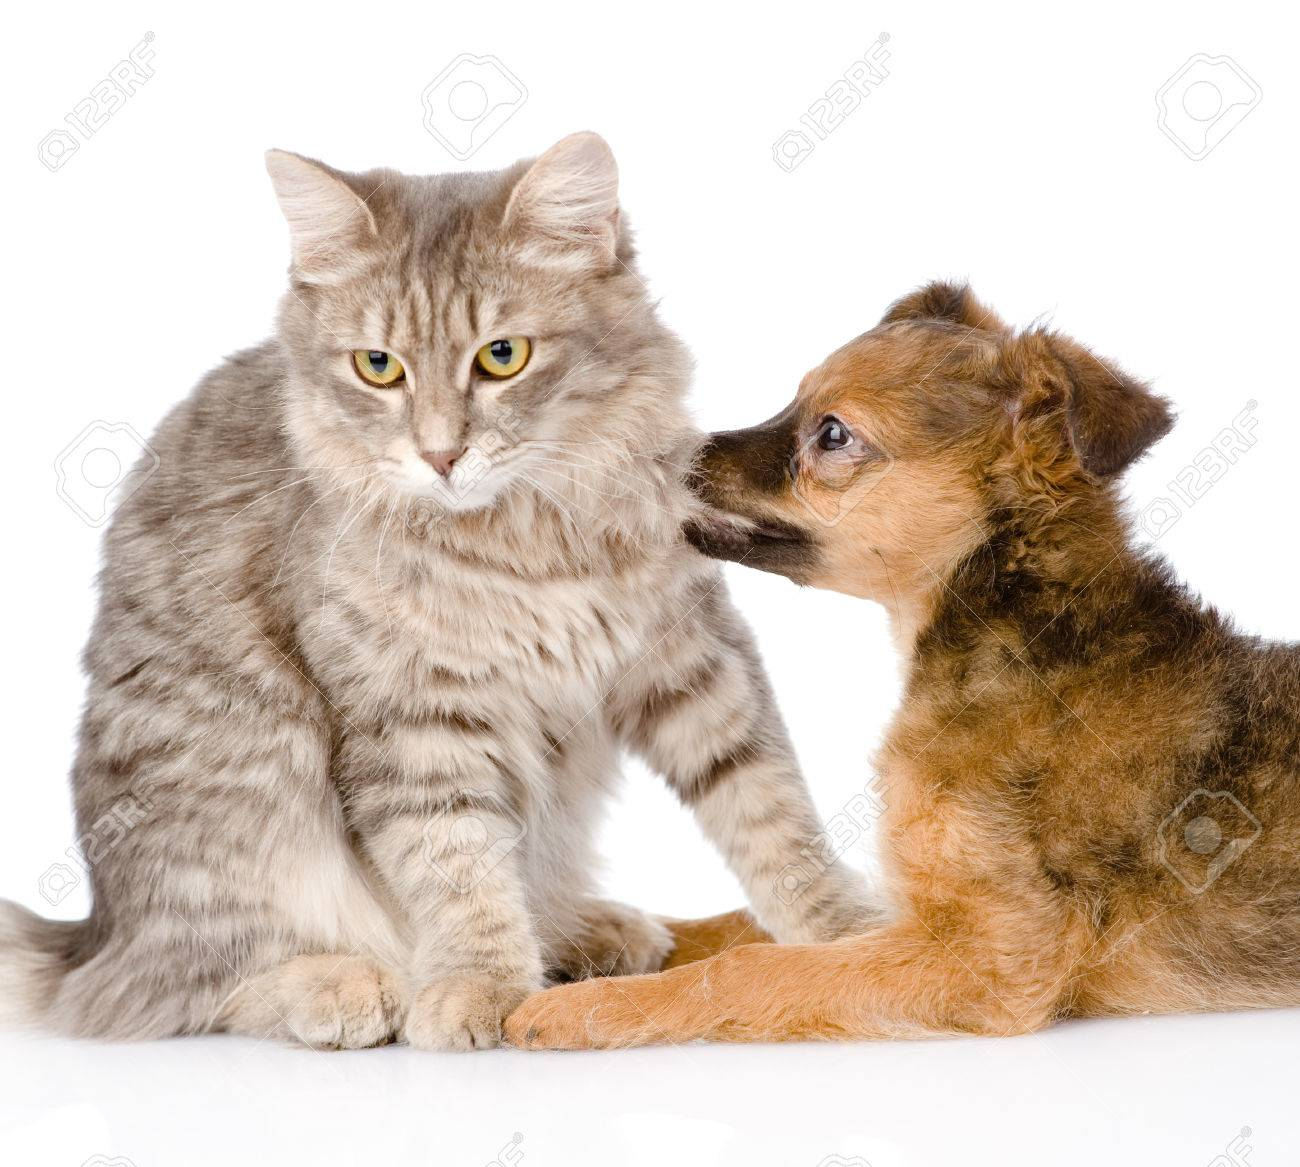 dog bites cat  isolated on white Stock Photo - 25241666